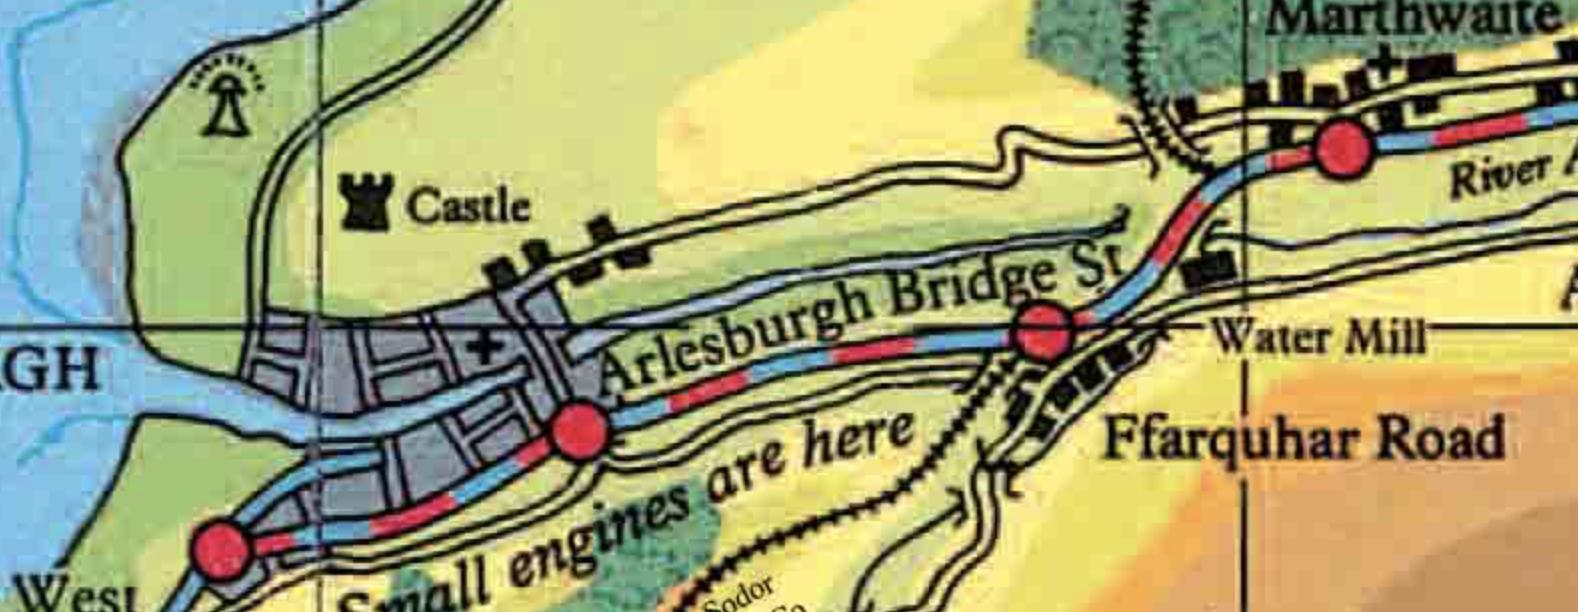 Arlesburgh Bridge Street